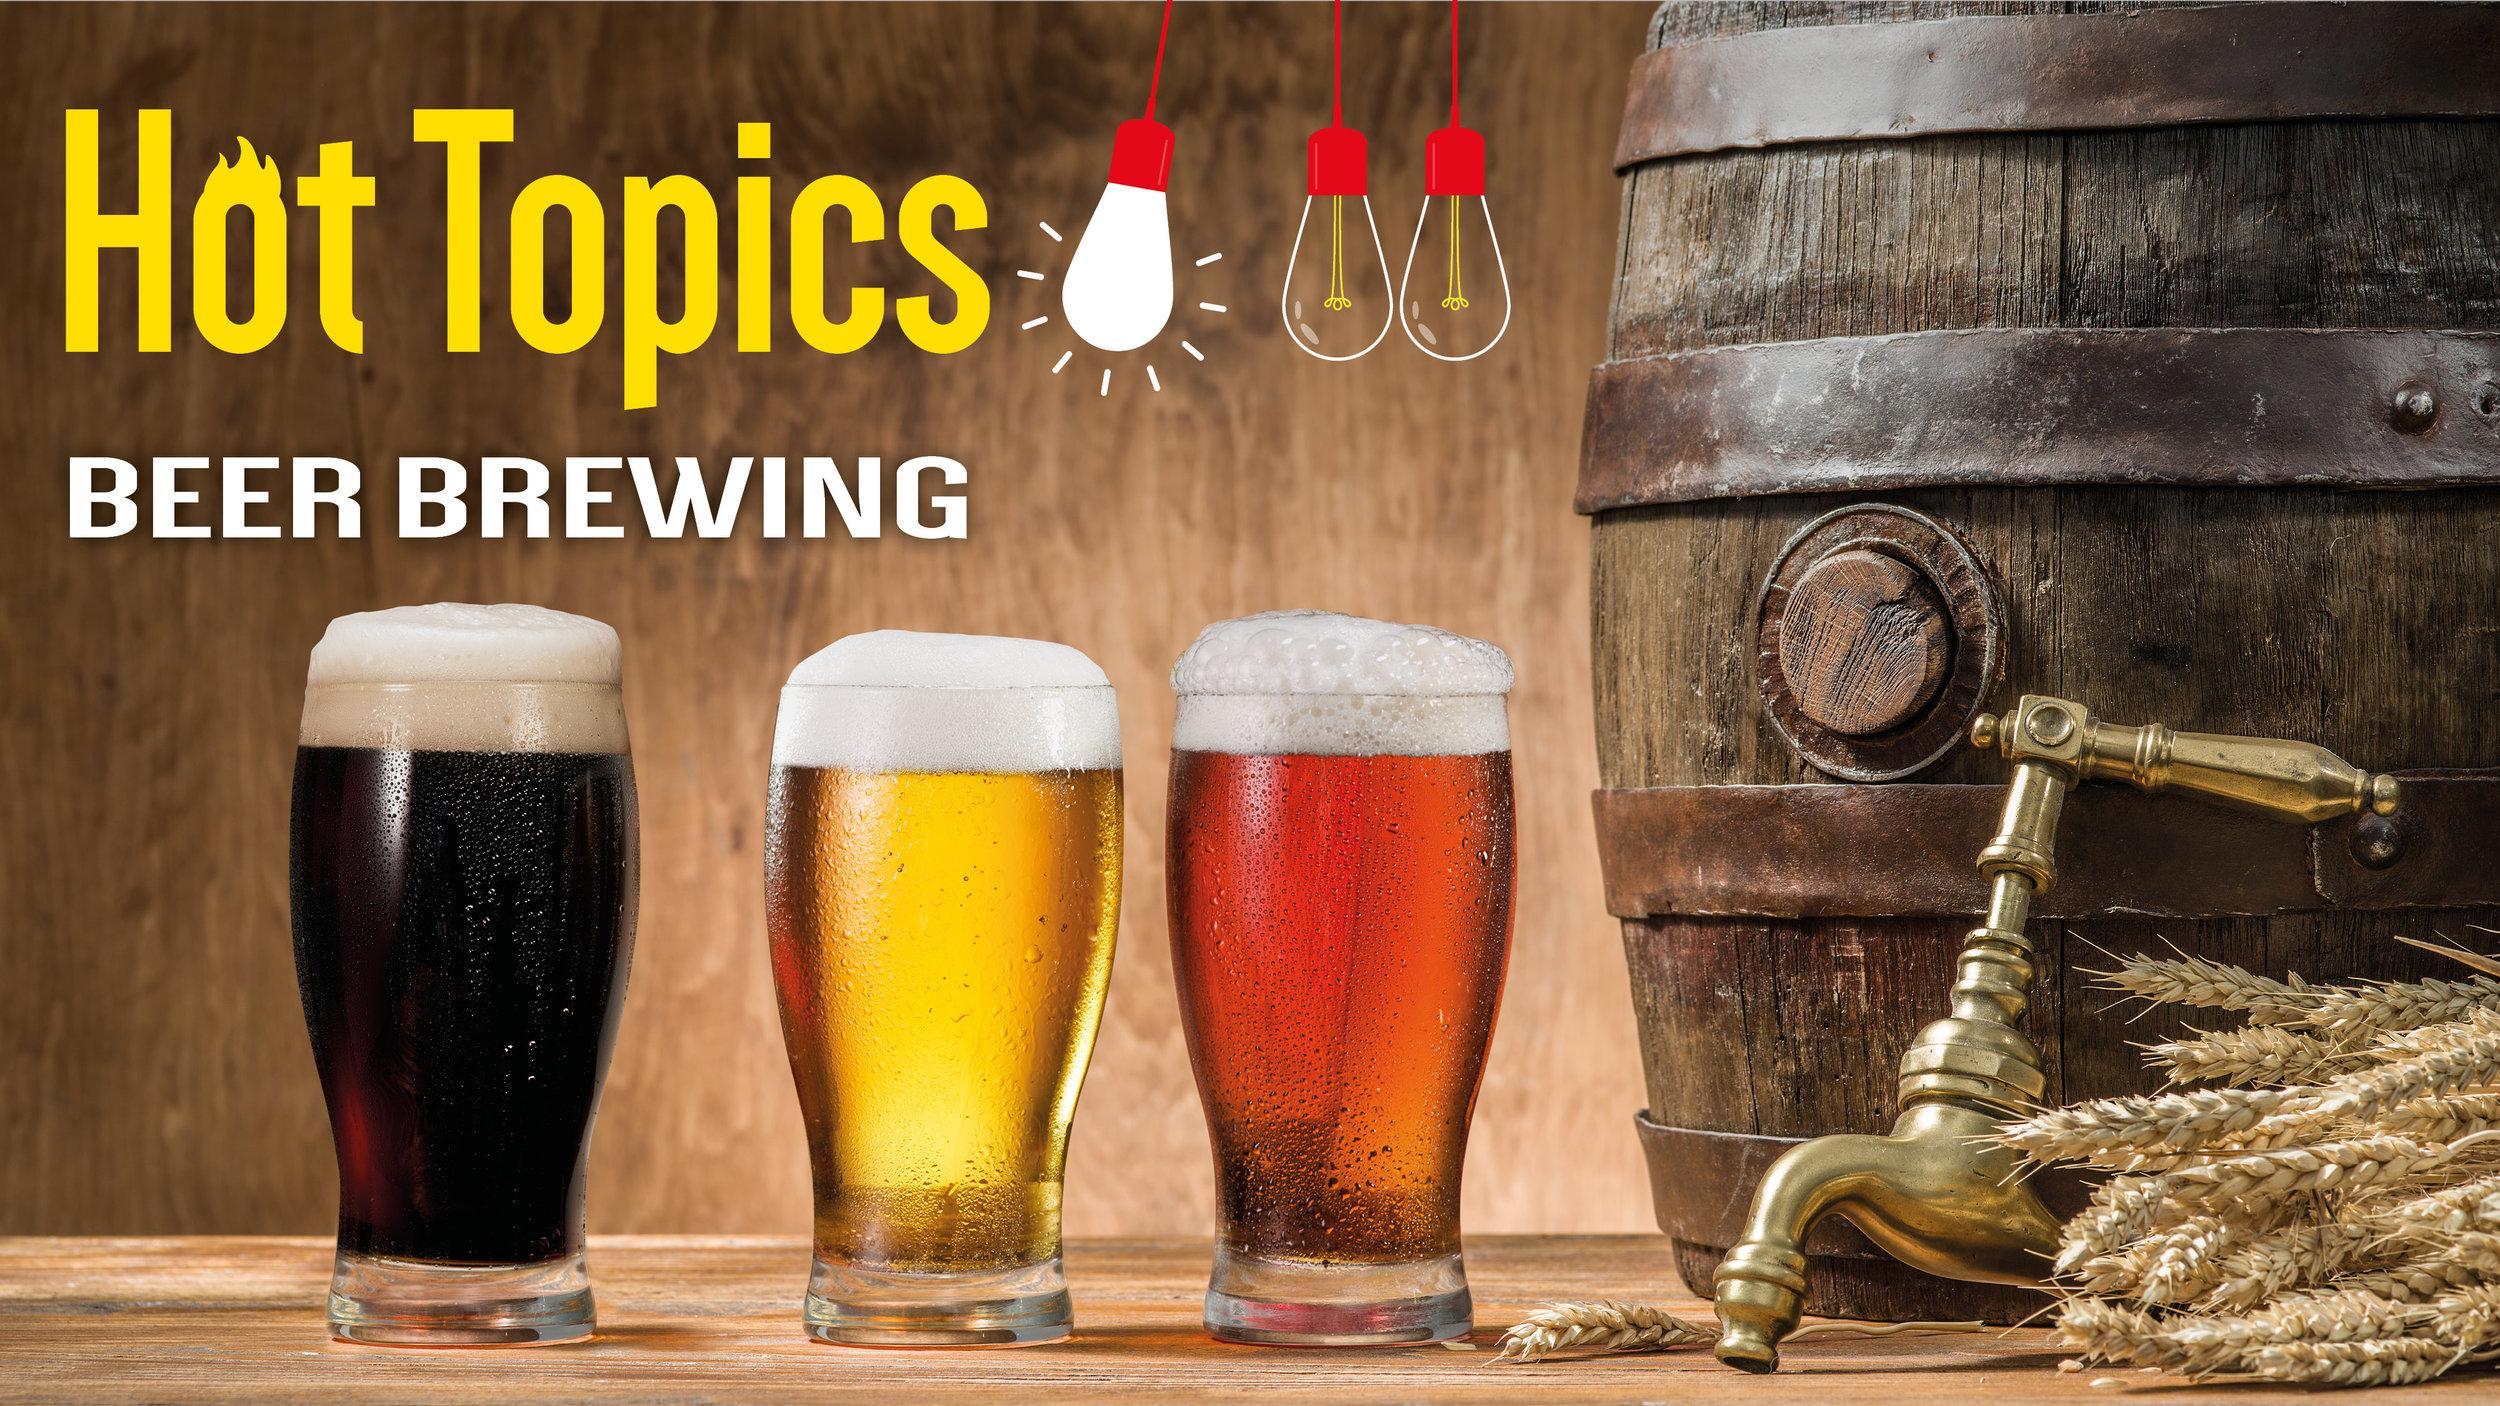 FB Event Hot Topics Beer Brewing.jpg